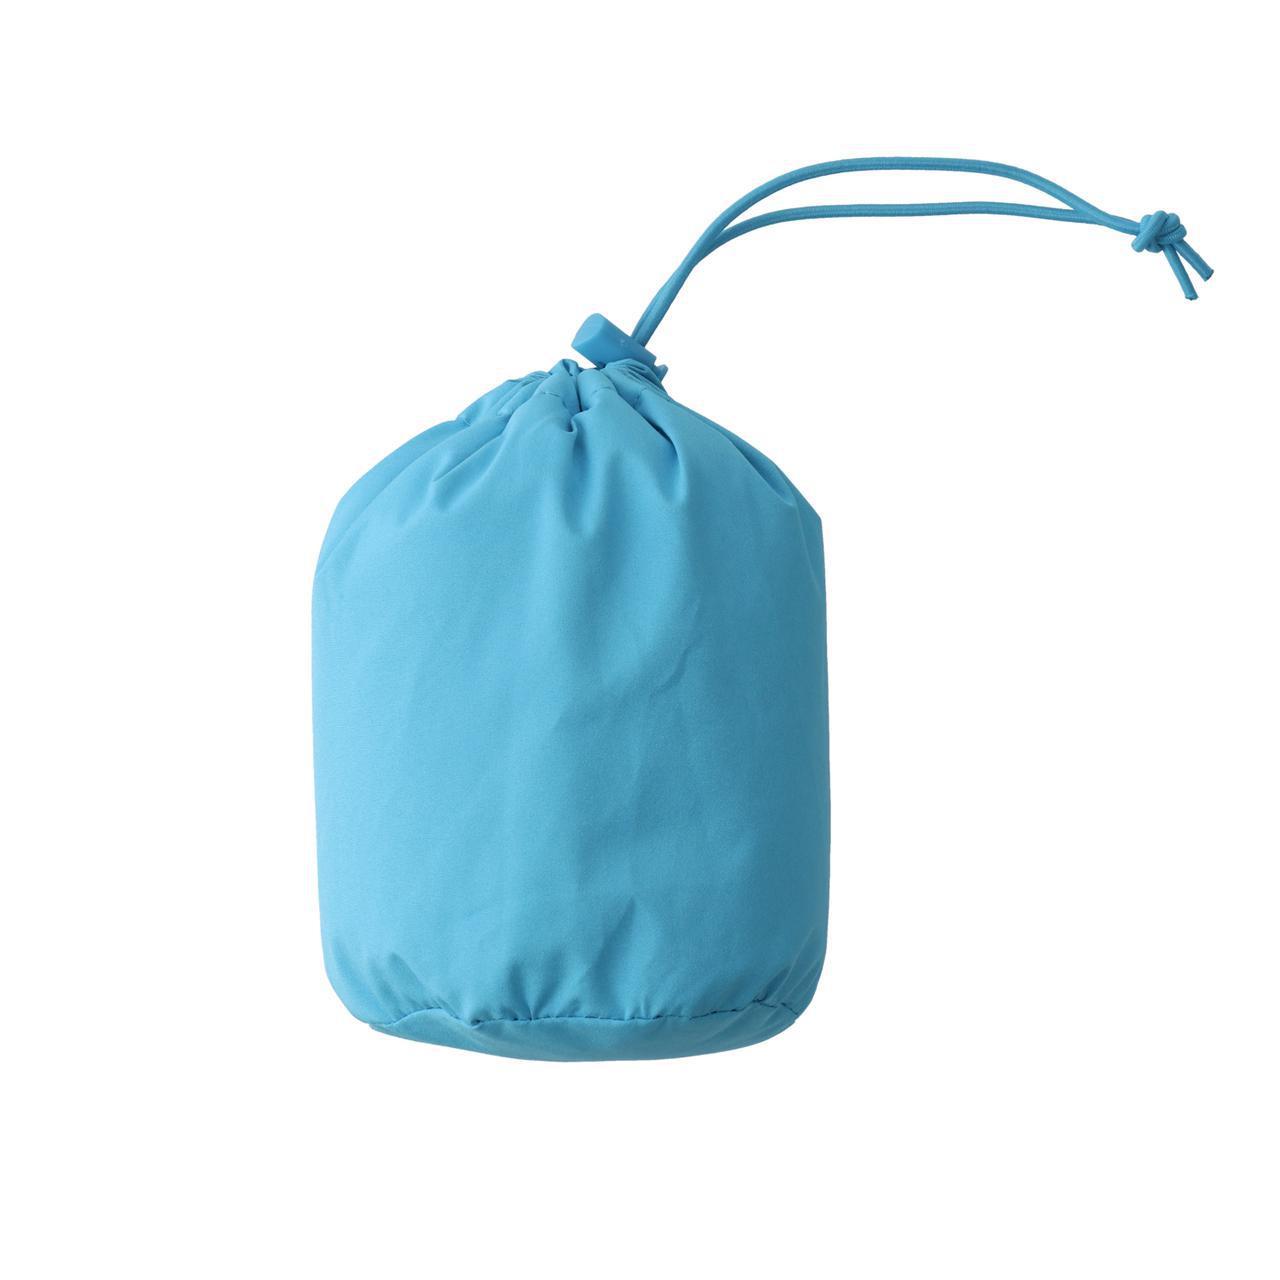 画像: 収納袋の色は本体色と同じです。収納サイズは約17cm×9cm